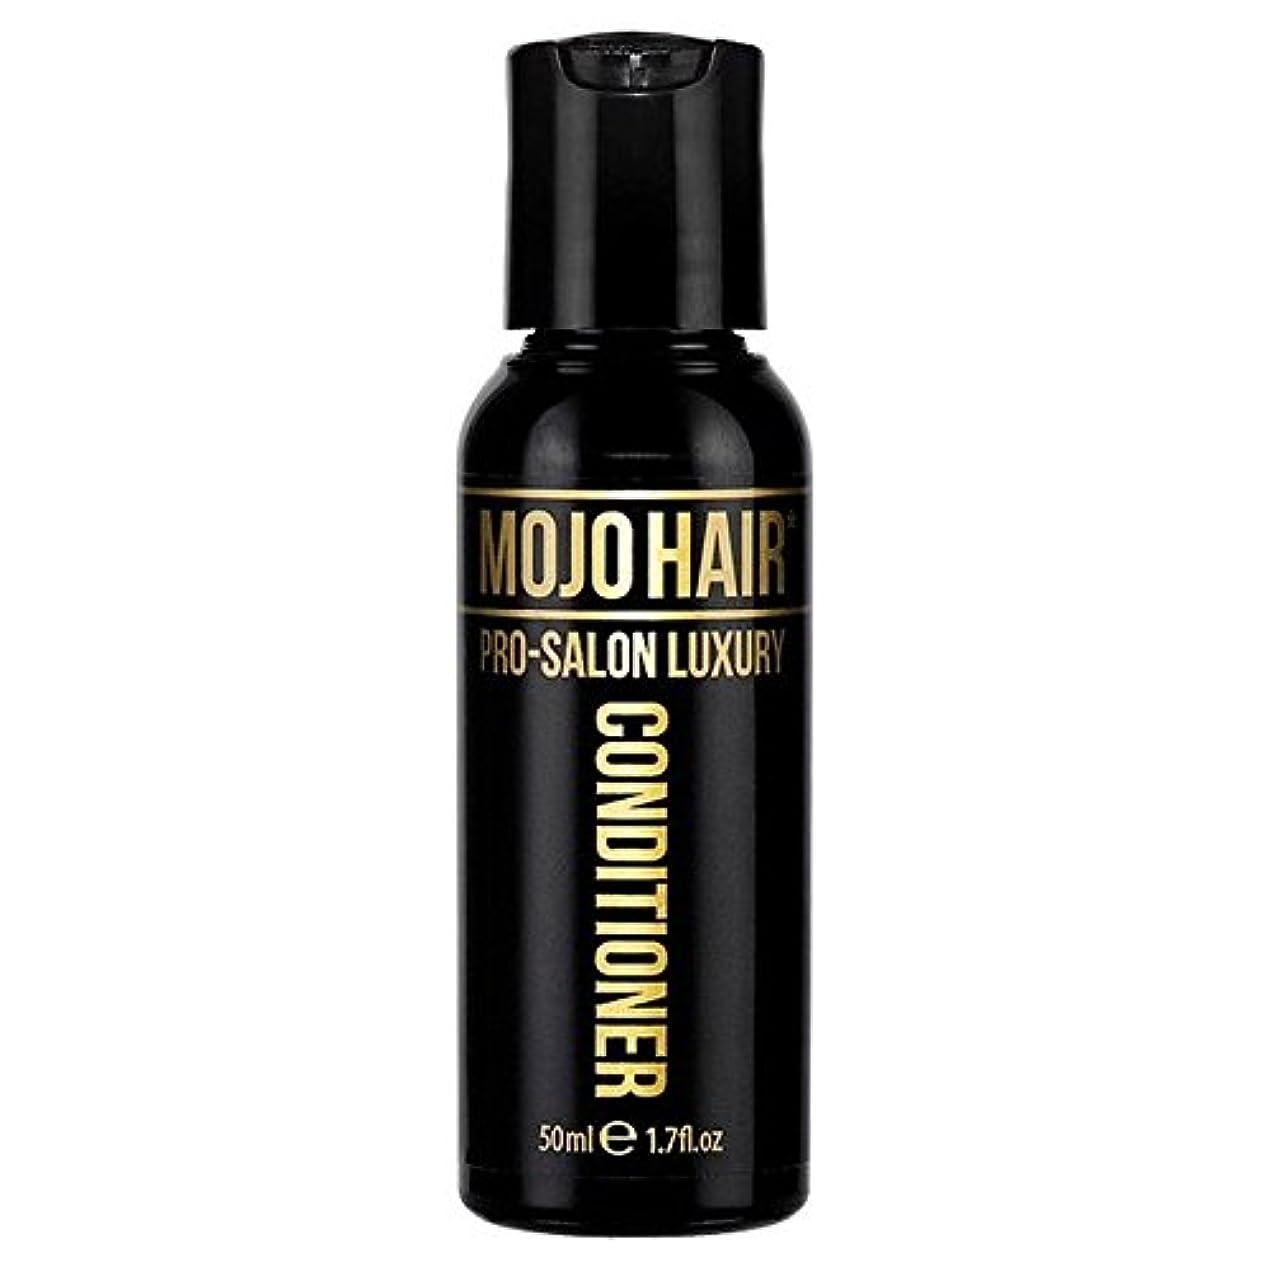 姪恨み七面鳥MOJO HAIR Pro-Salon Luxury Fragrance Conditioner for Men, Travel Size 50ml - 男性のためのモジョの毛プロのサロンの贅沢な香りコンディショナー、トラベルサイズ...